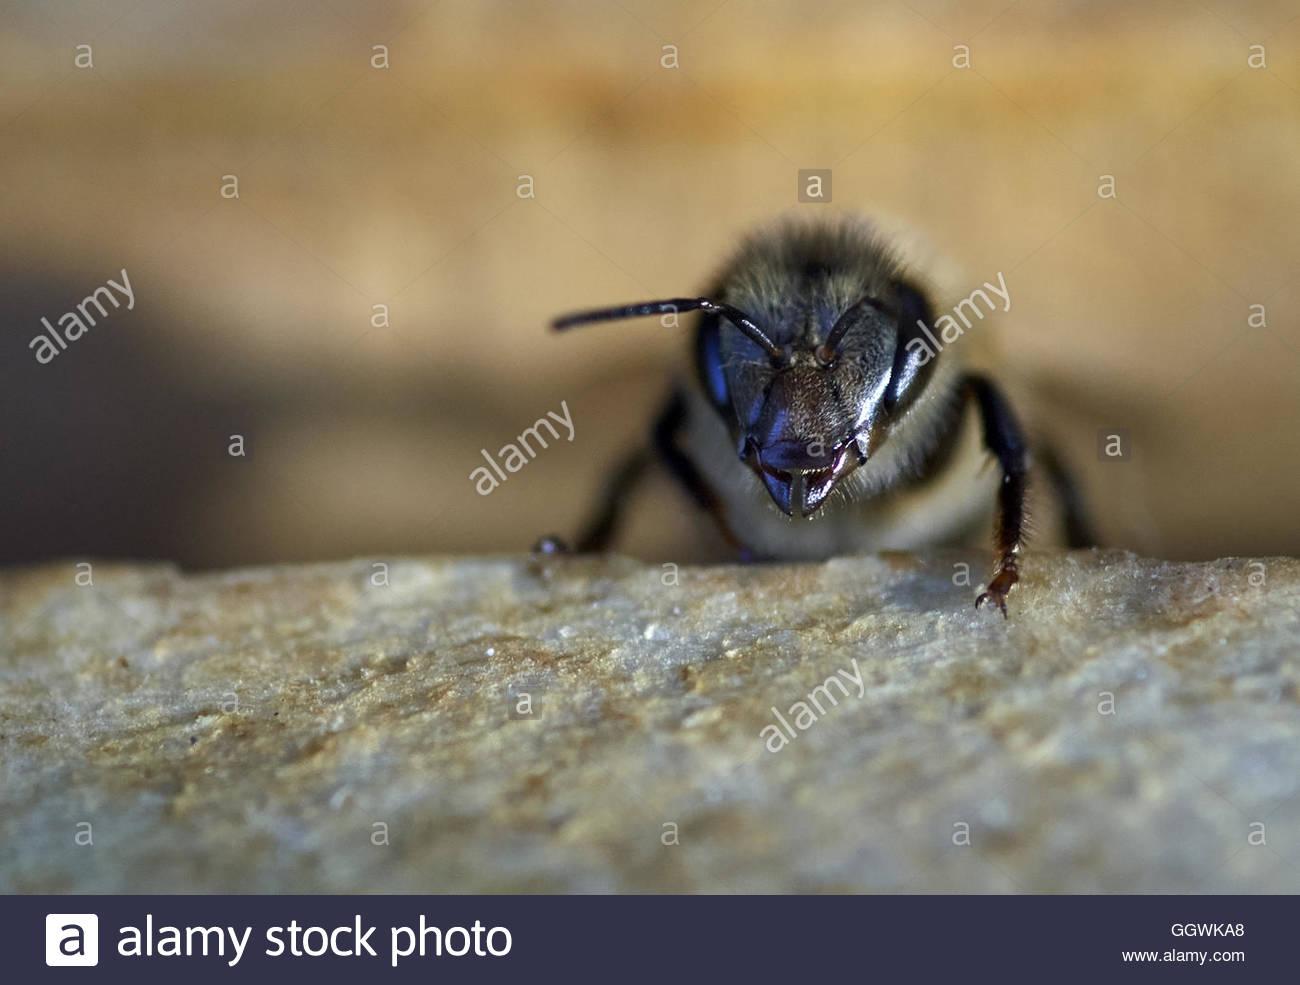 Subir abeja obrera de marcos en una colmena mirando hacia la cámara ...